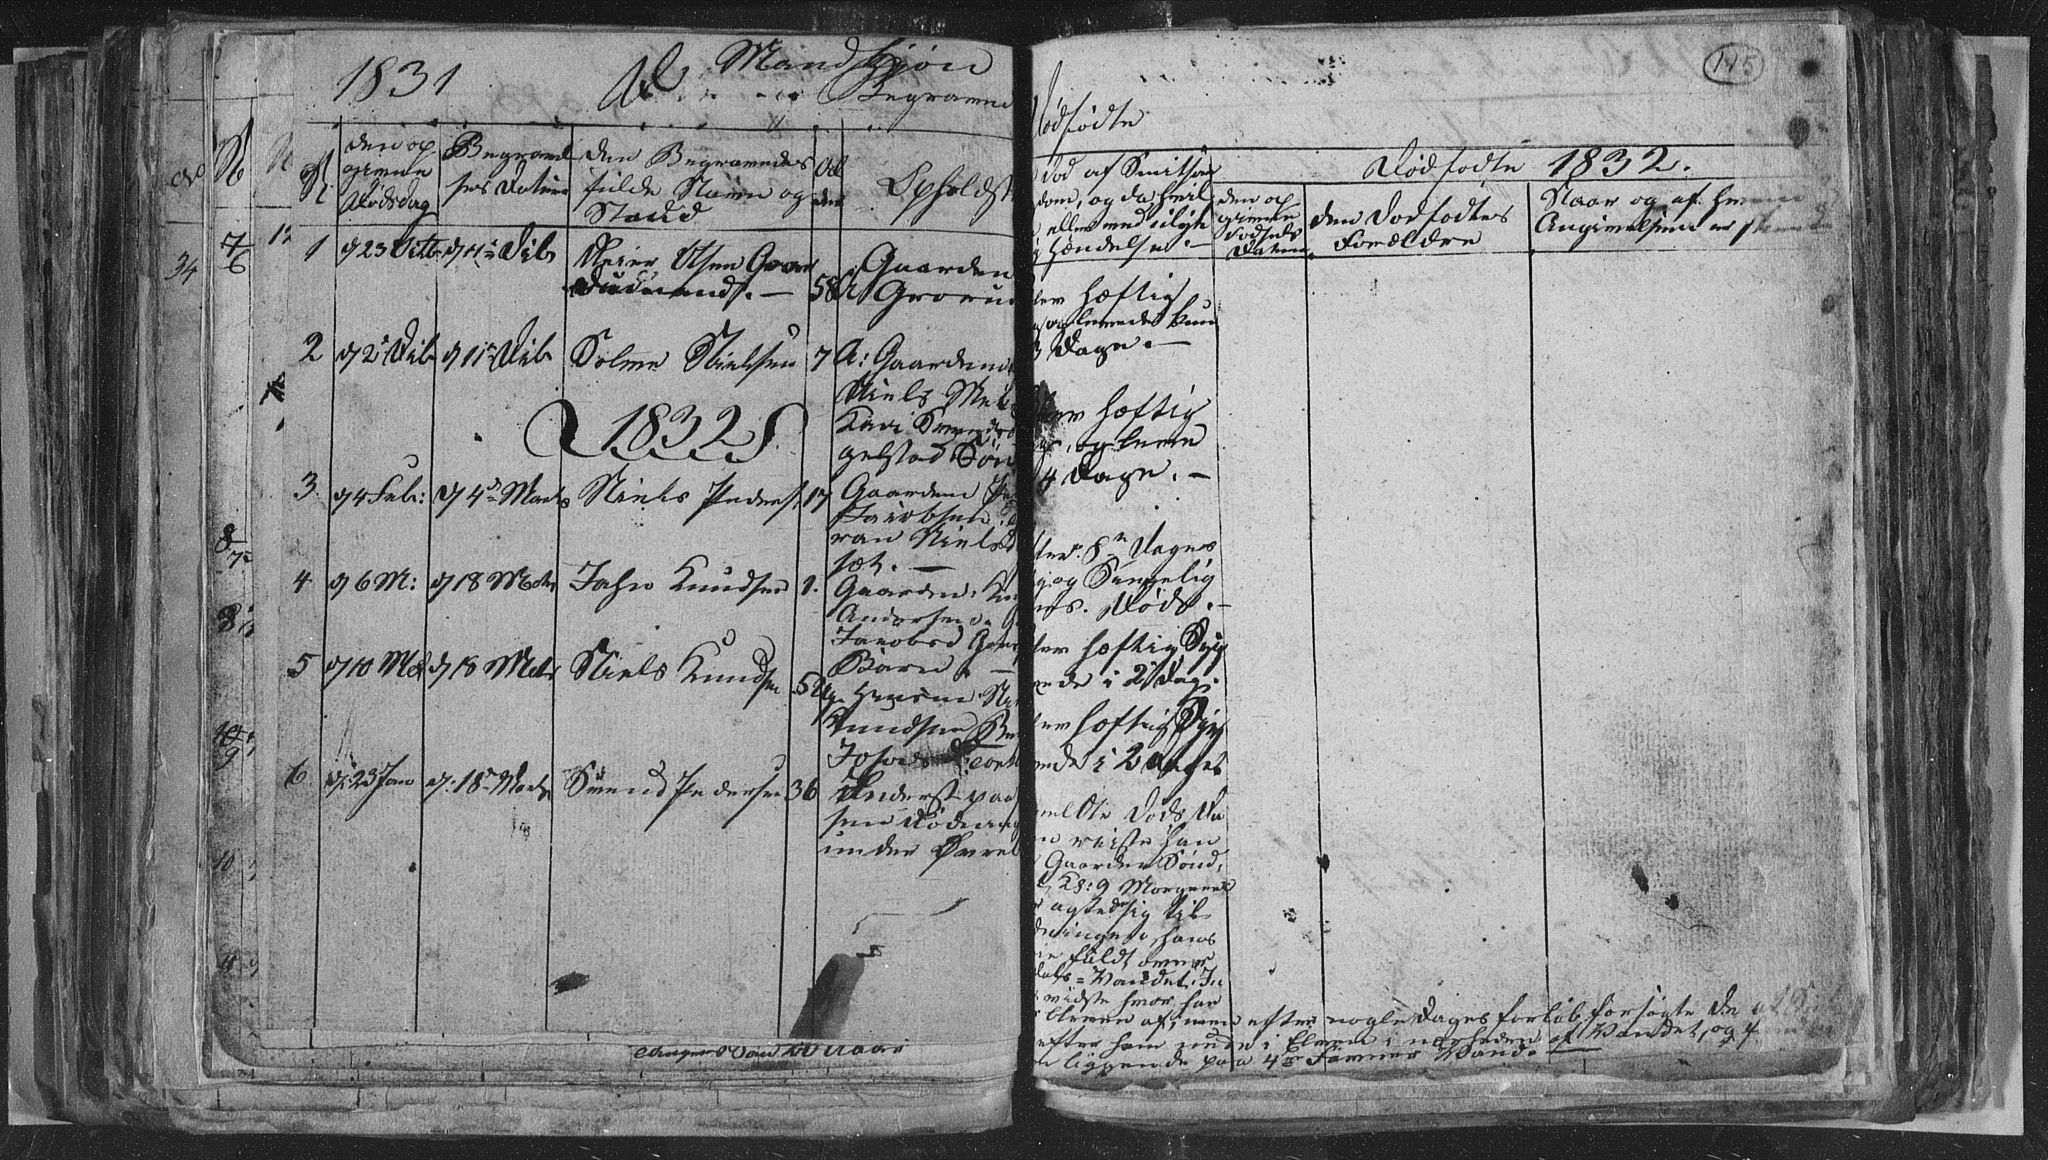 SAKO, Siljan kirkebøker, G/Ga/L0001: Klokkerbok nr. 1, 1827-1847, s. 115